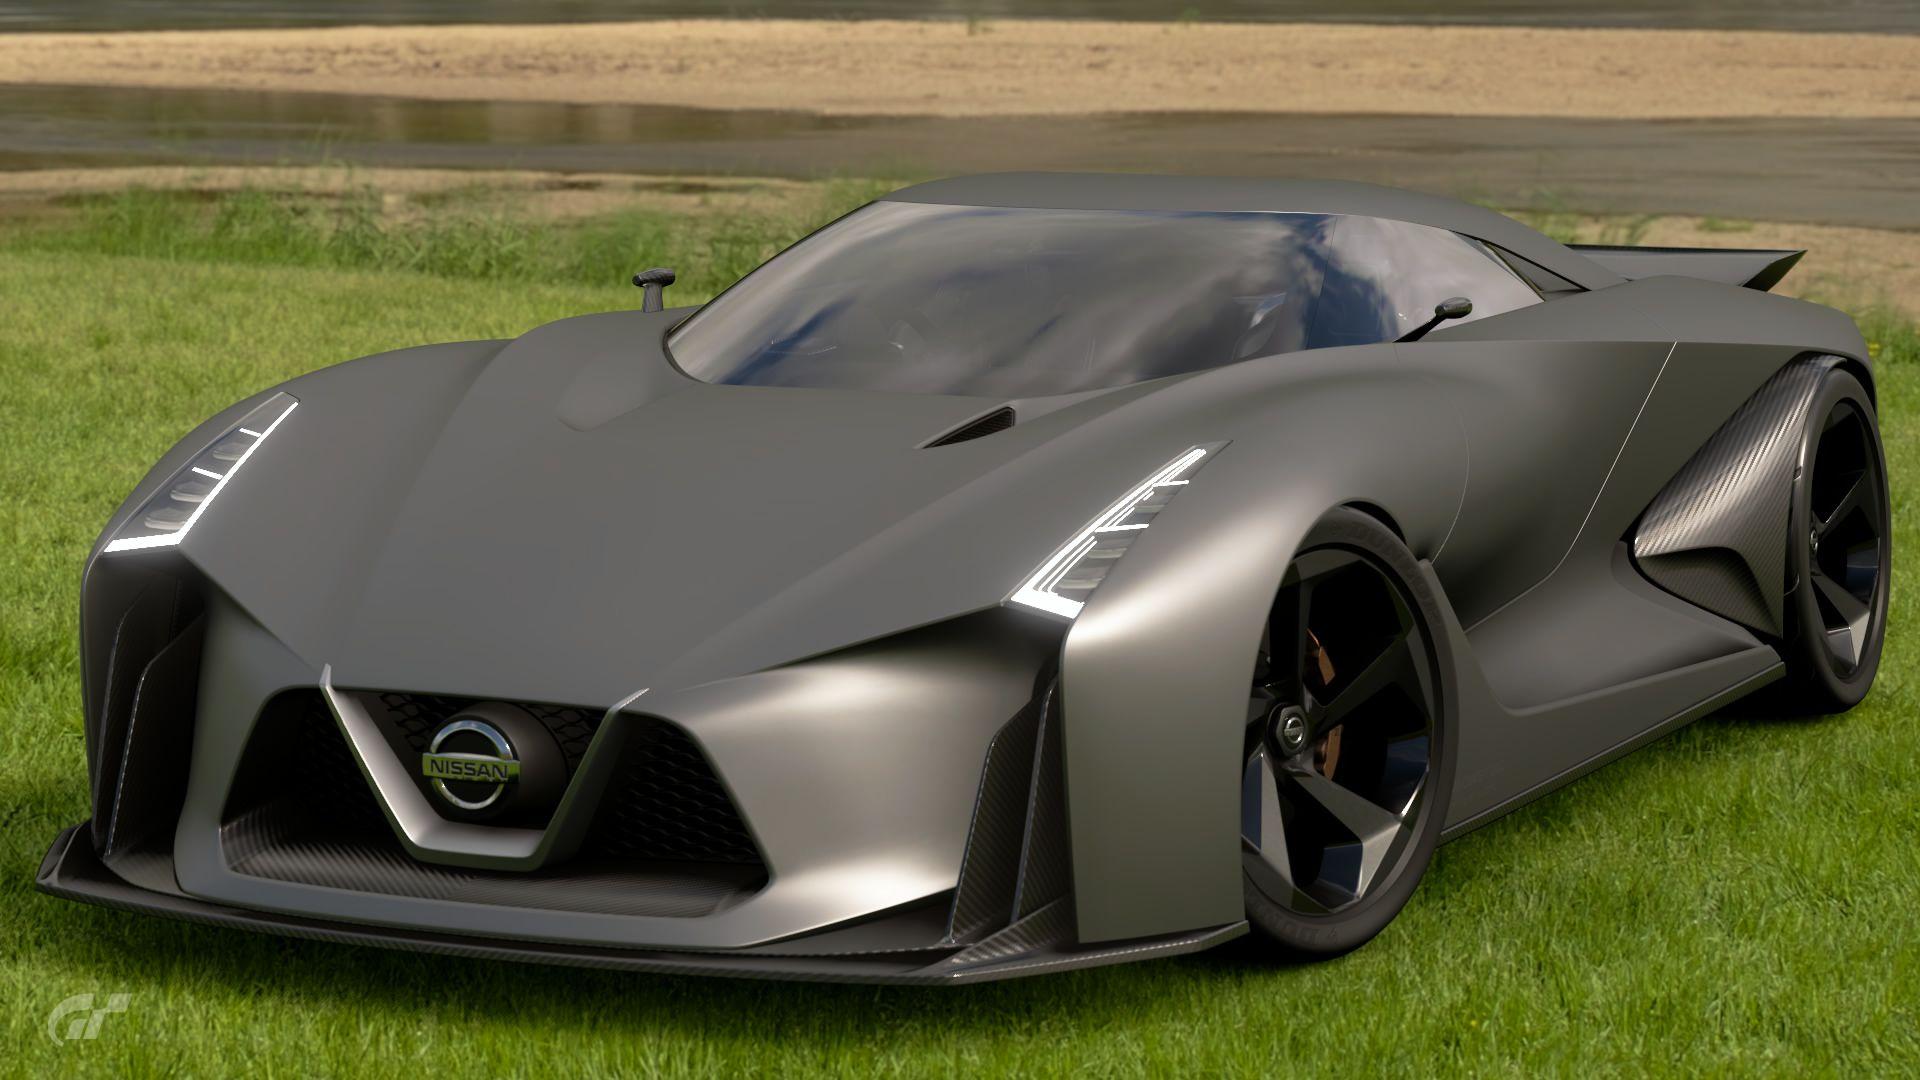 Nissan Concept 2020 Vision Gran Turismo Gran Turismo Wiki Fandom In 2020 Concept Cars Nissan Turismo